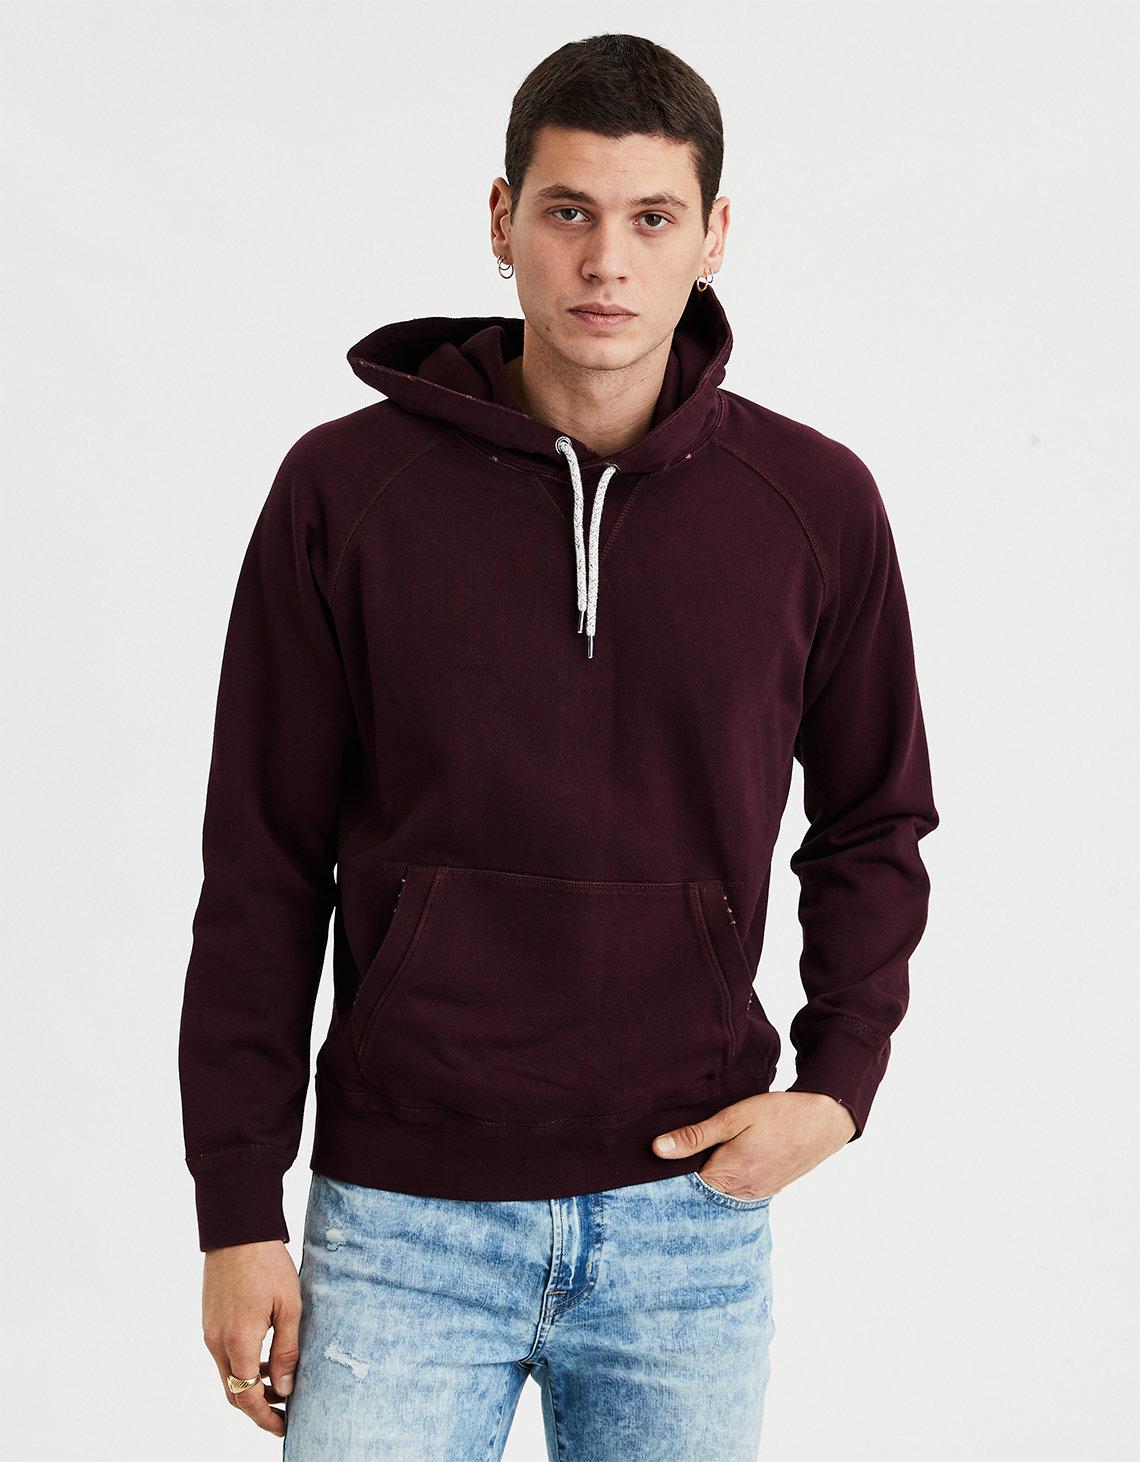 daa357f690a AE Pullover Hoodie